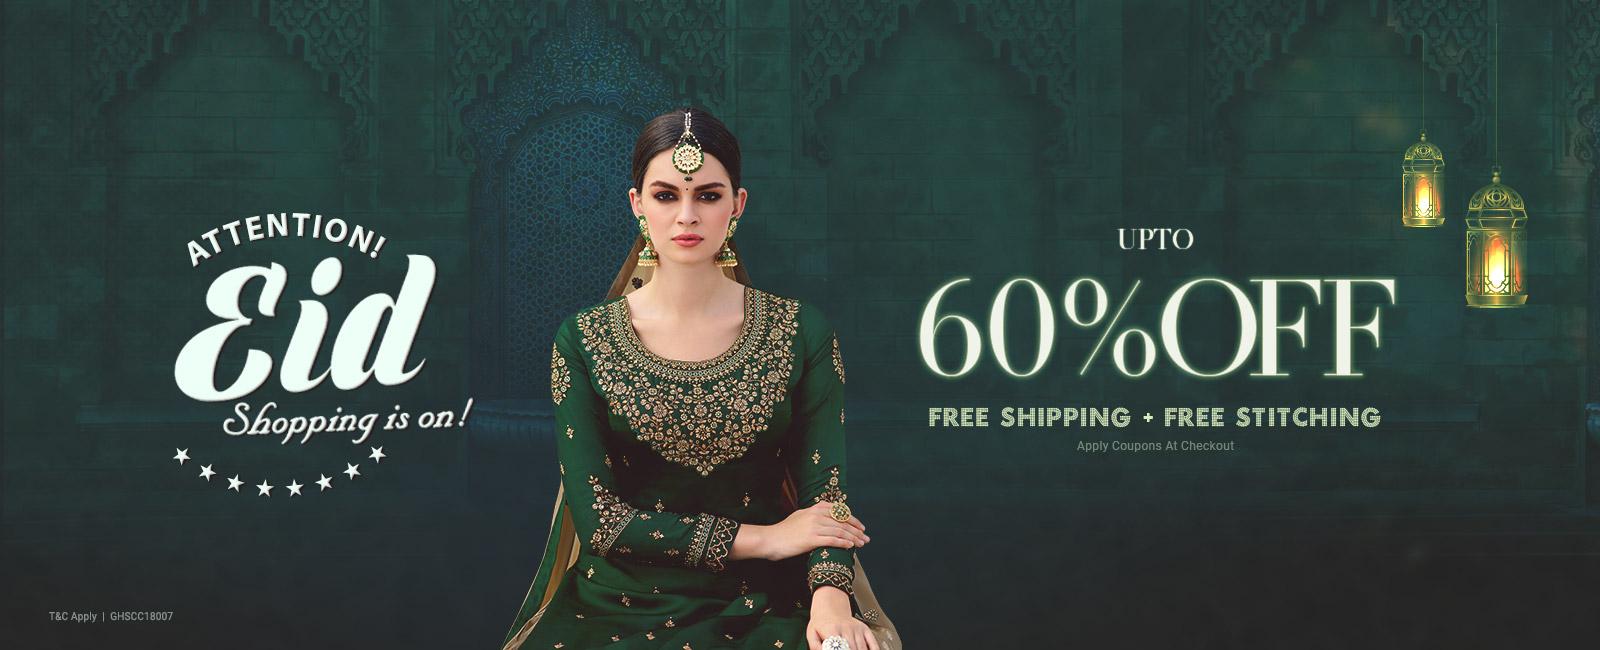 Upto 60% off + Free shipping & stitching